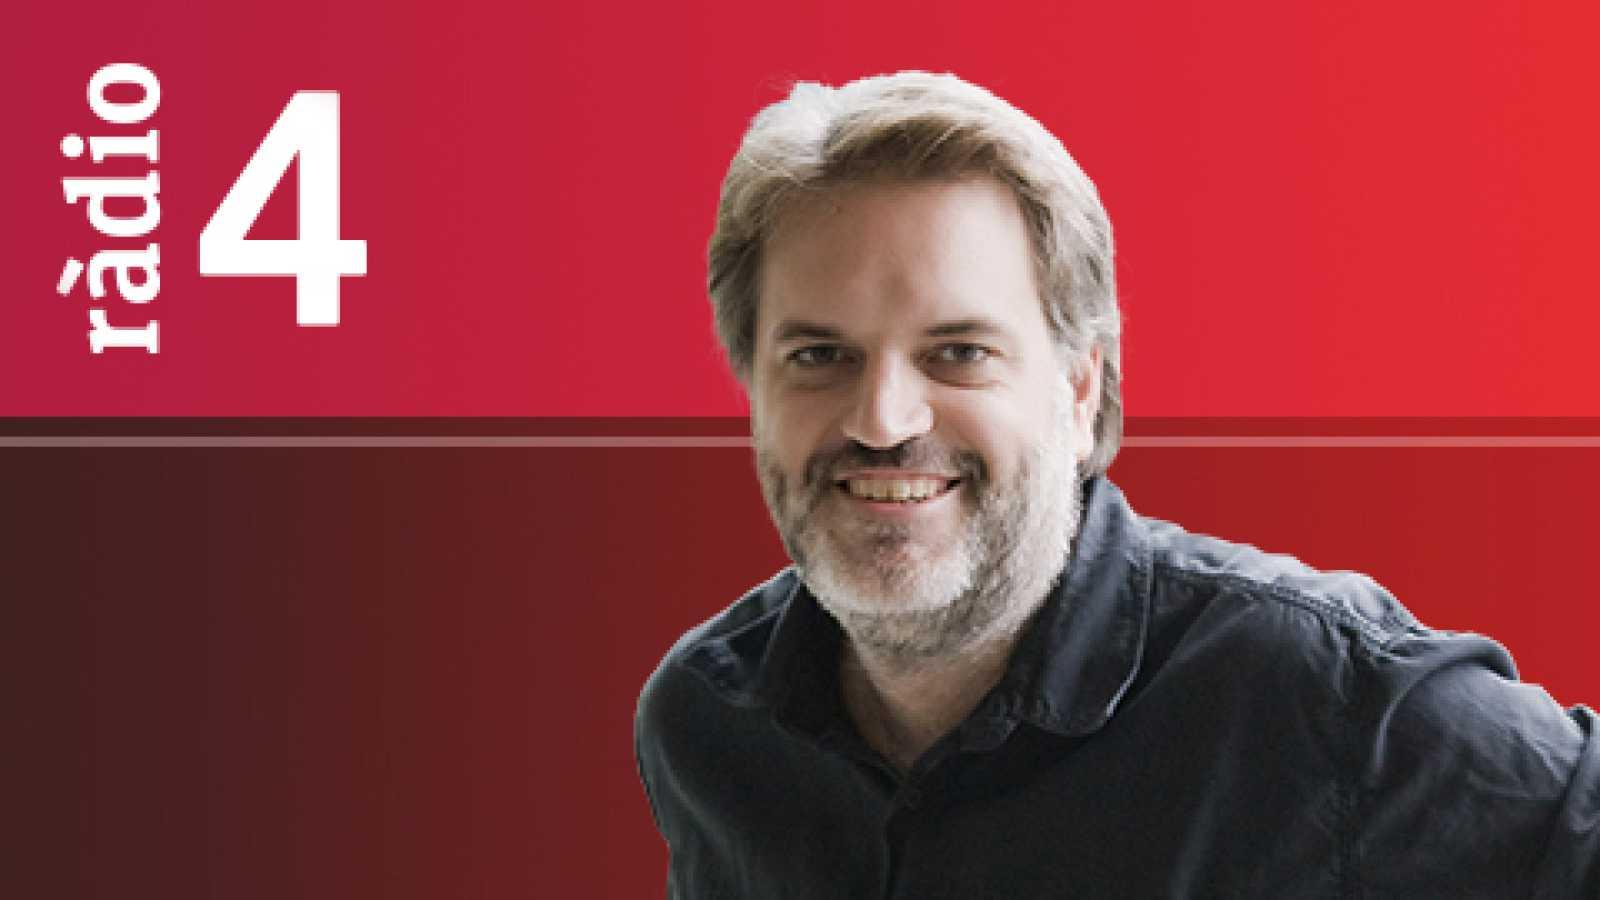 El matí a Ràdio 4 - Tertúlia política (segueix). Entrevista: Mariano Gomà, president de SCC